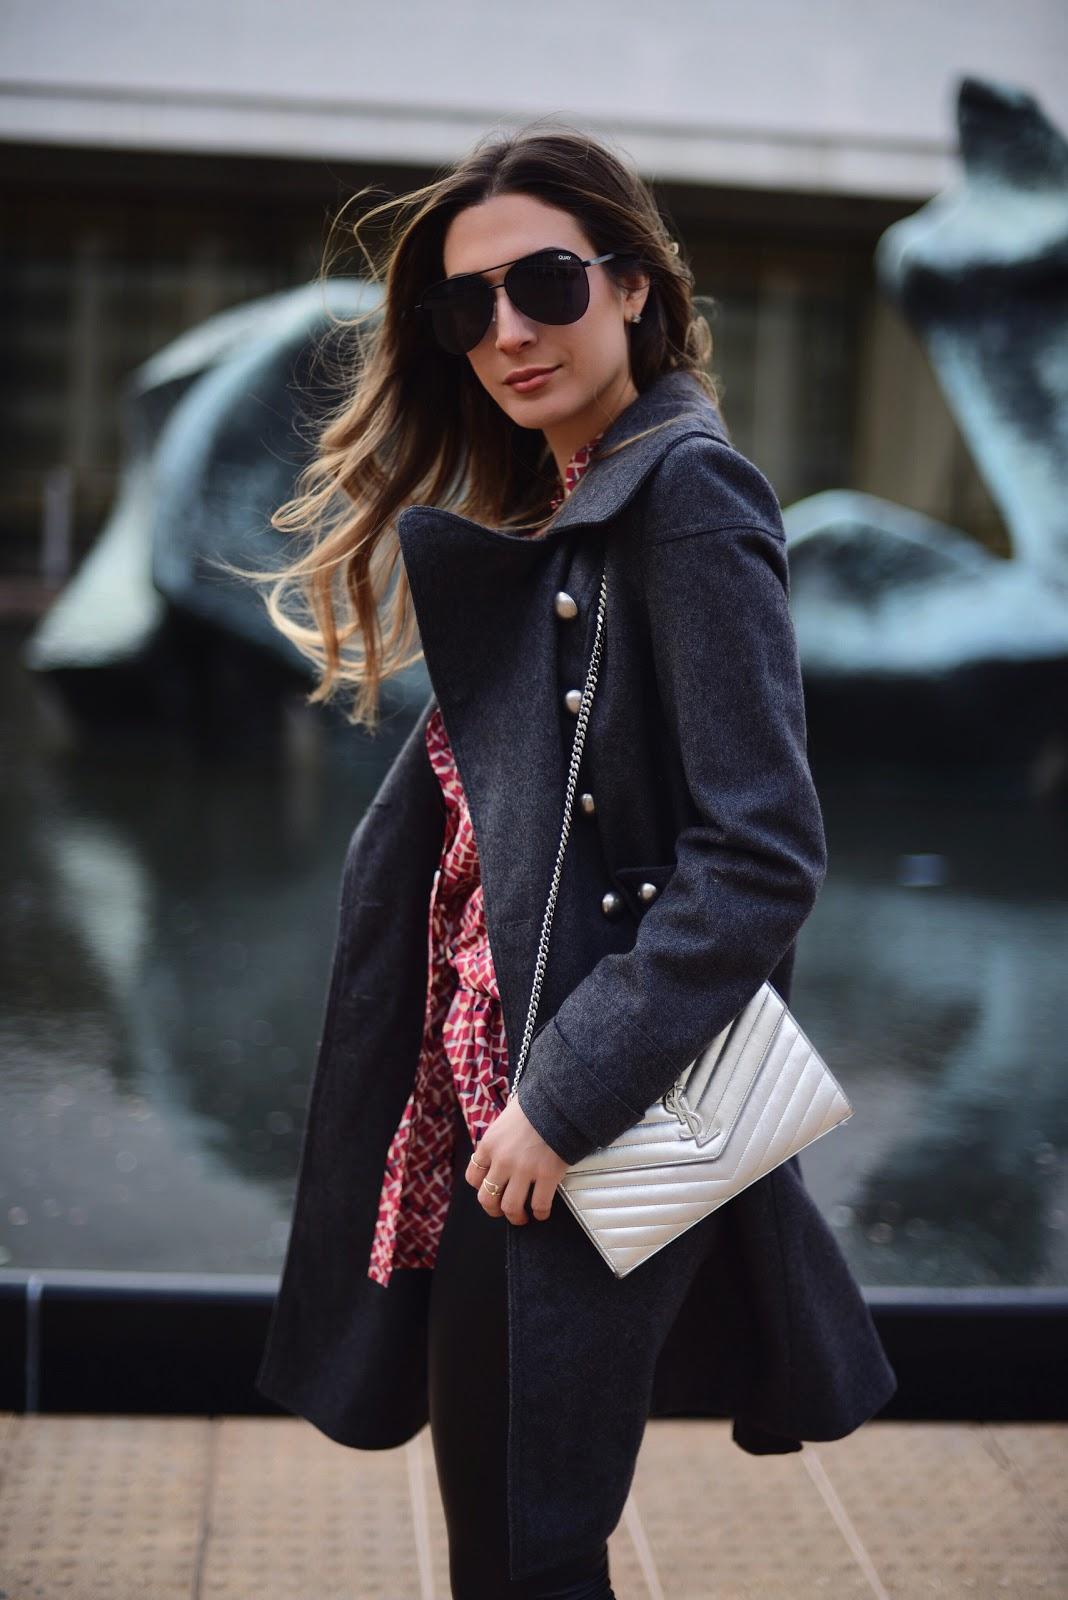 alyssa melendez the haute brunette